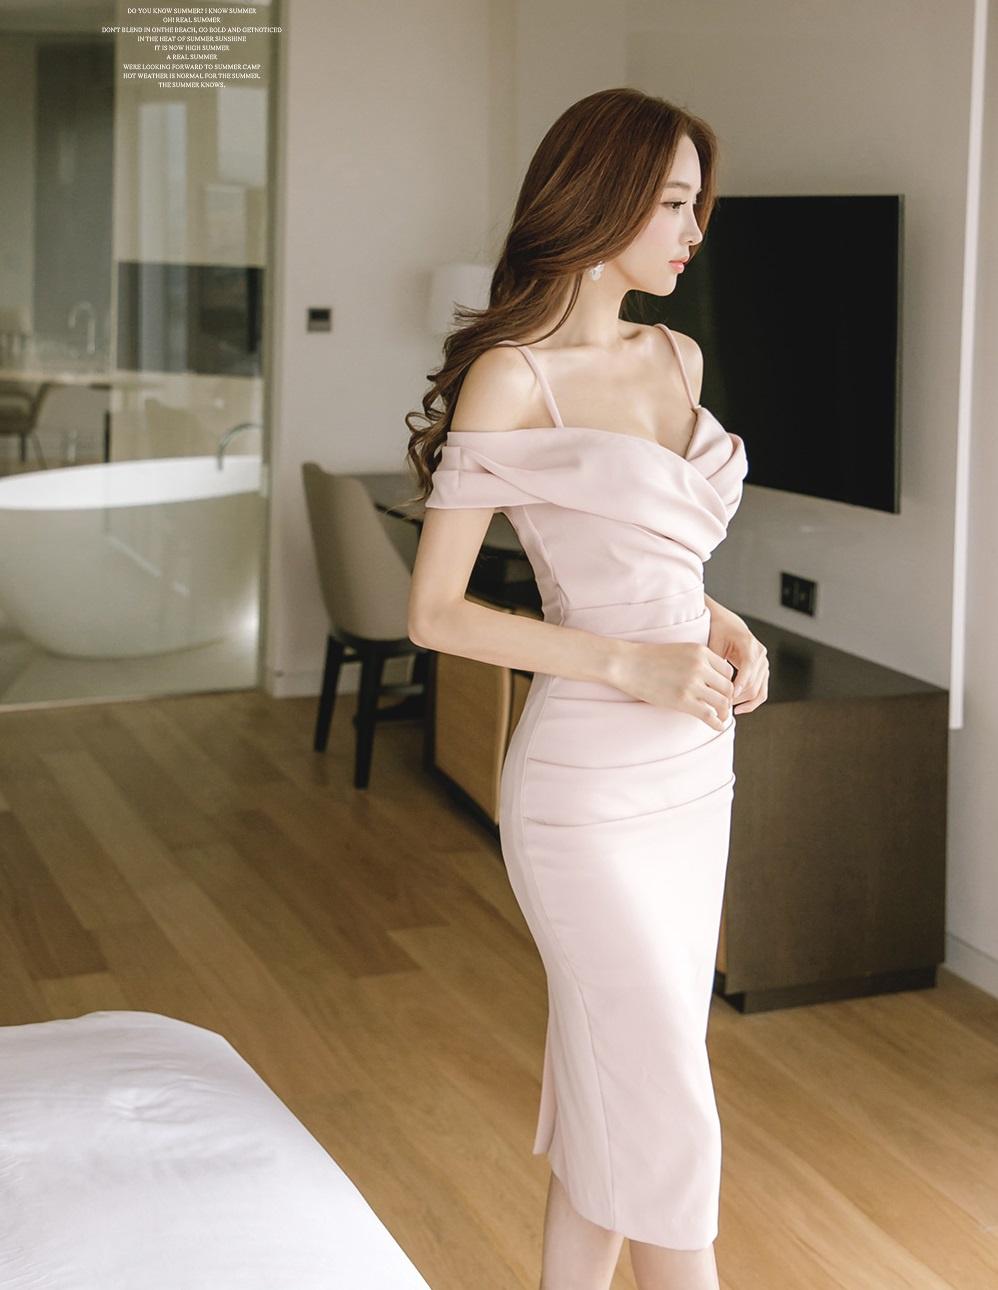 露肩吊带连衣裙,娴静优雅